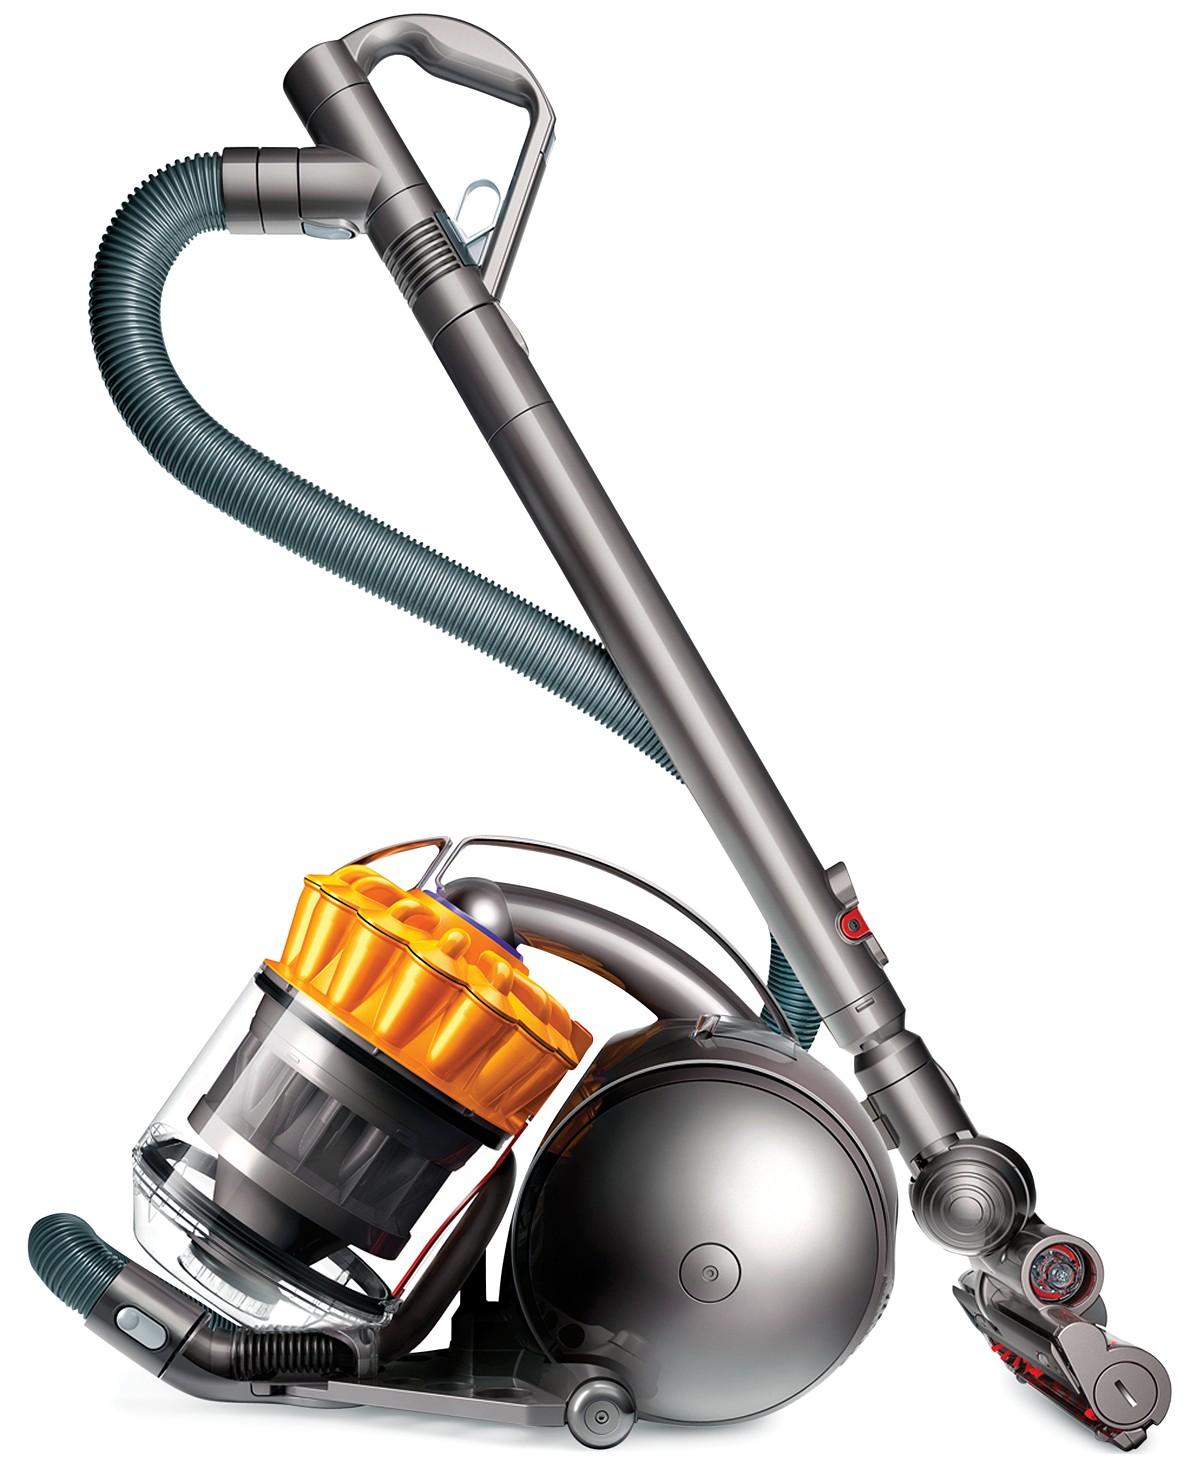 超强吸力Dyson DC39吸尘器闪购!